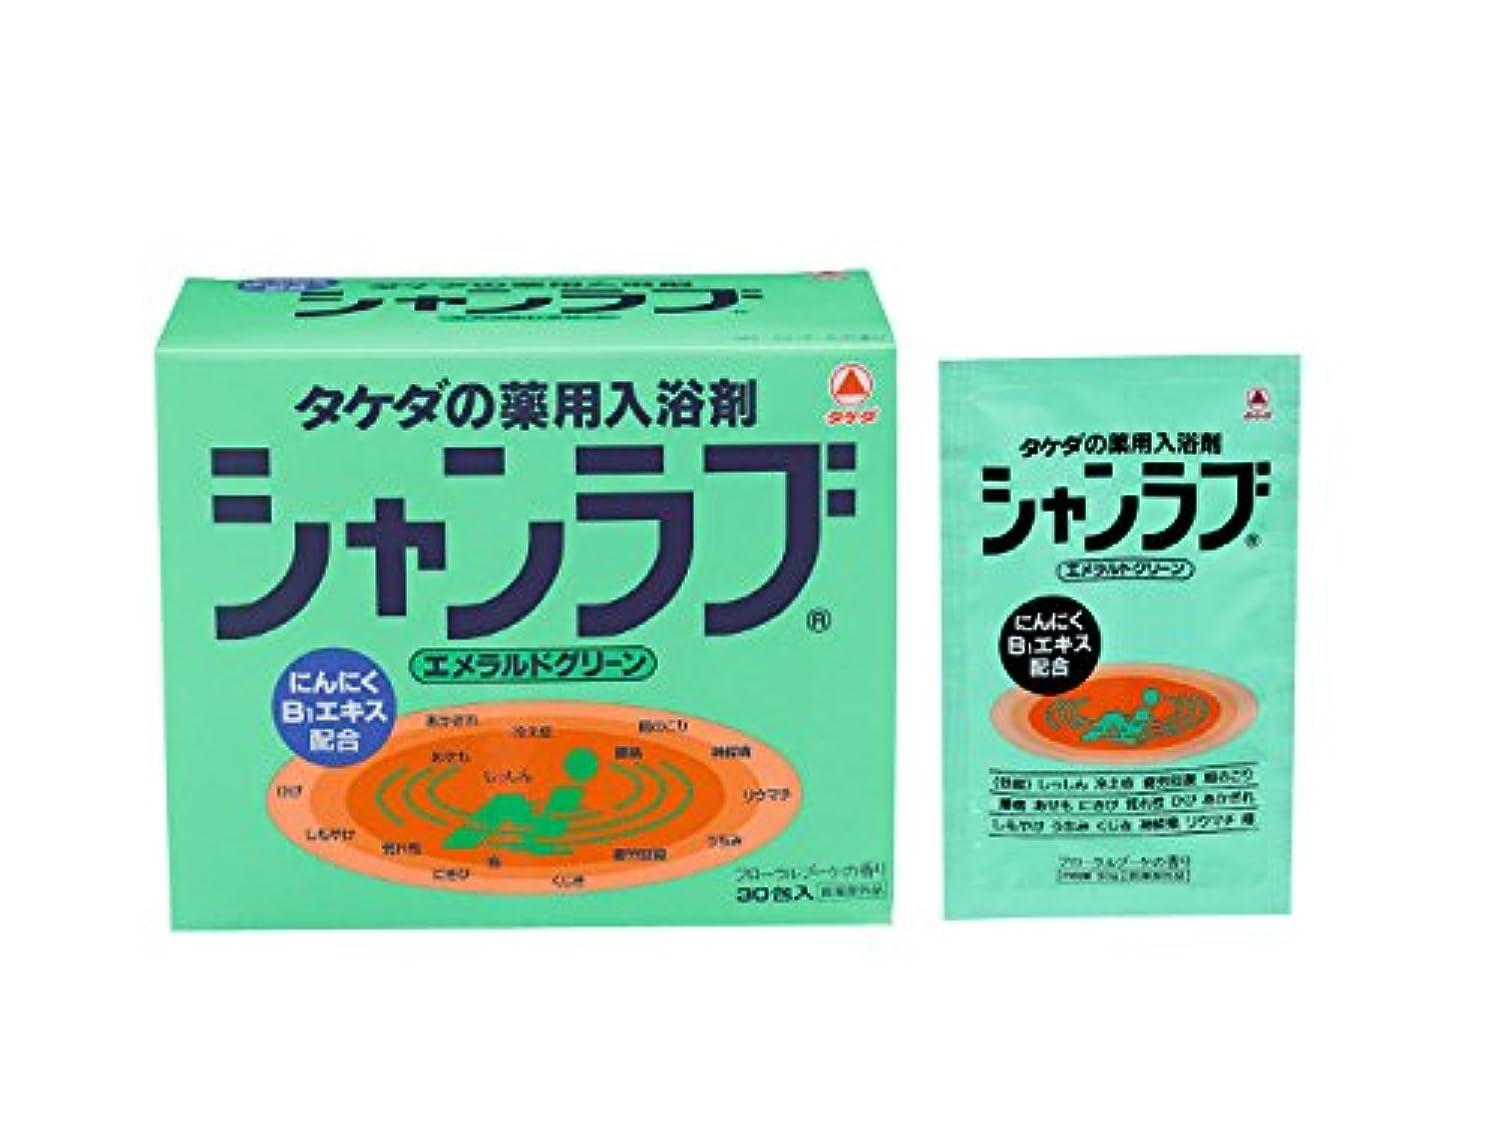 起こりやすいベースお別れ武田コンシューマーヘルスケア シャンラブ エメラルドグリーン 30包